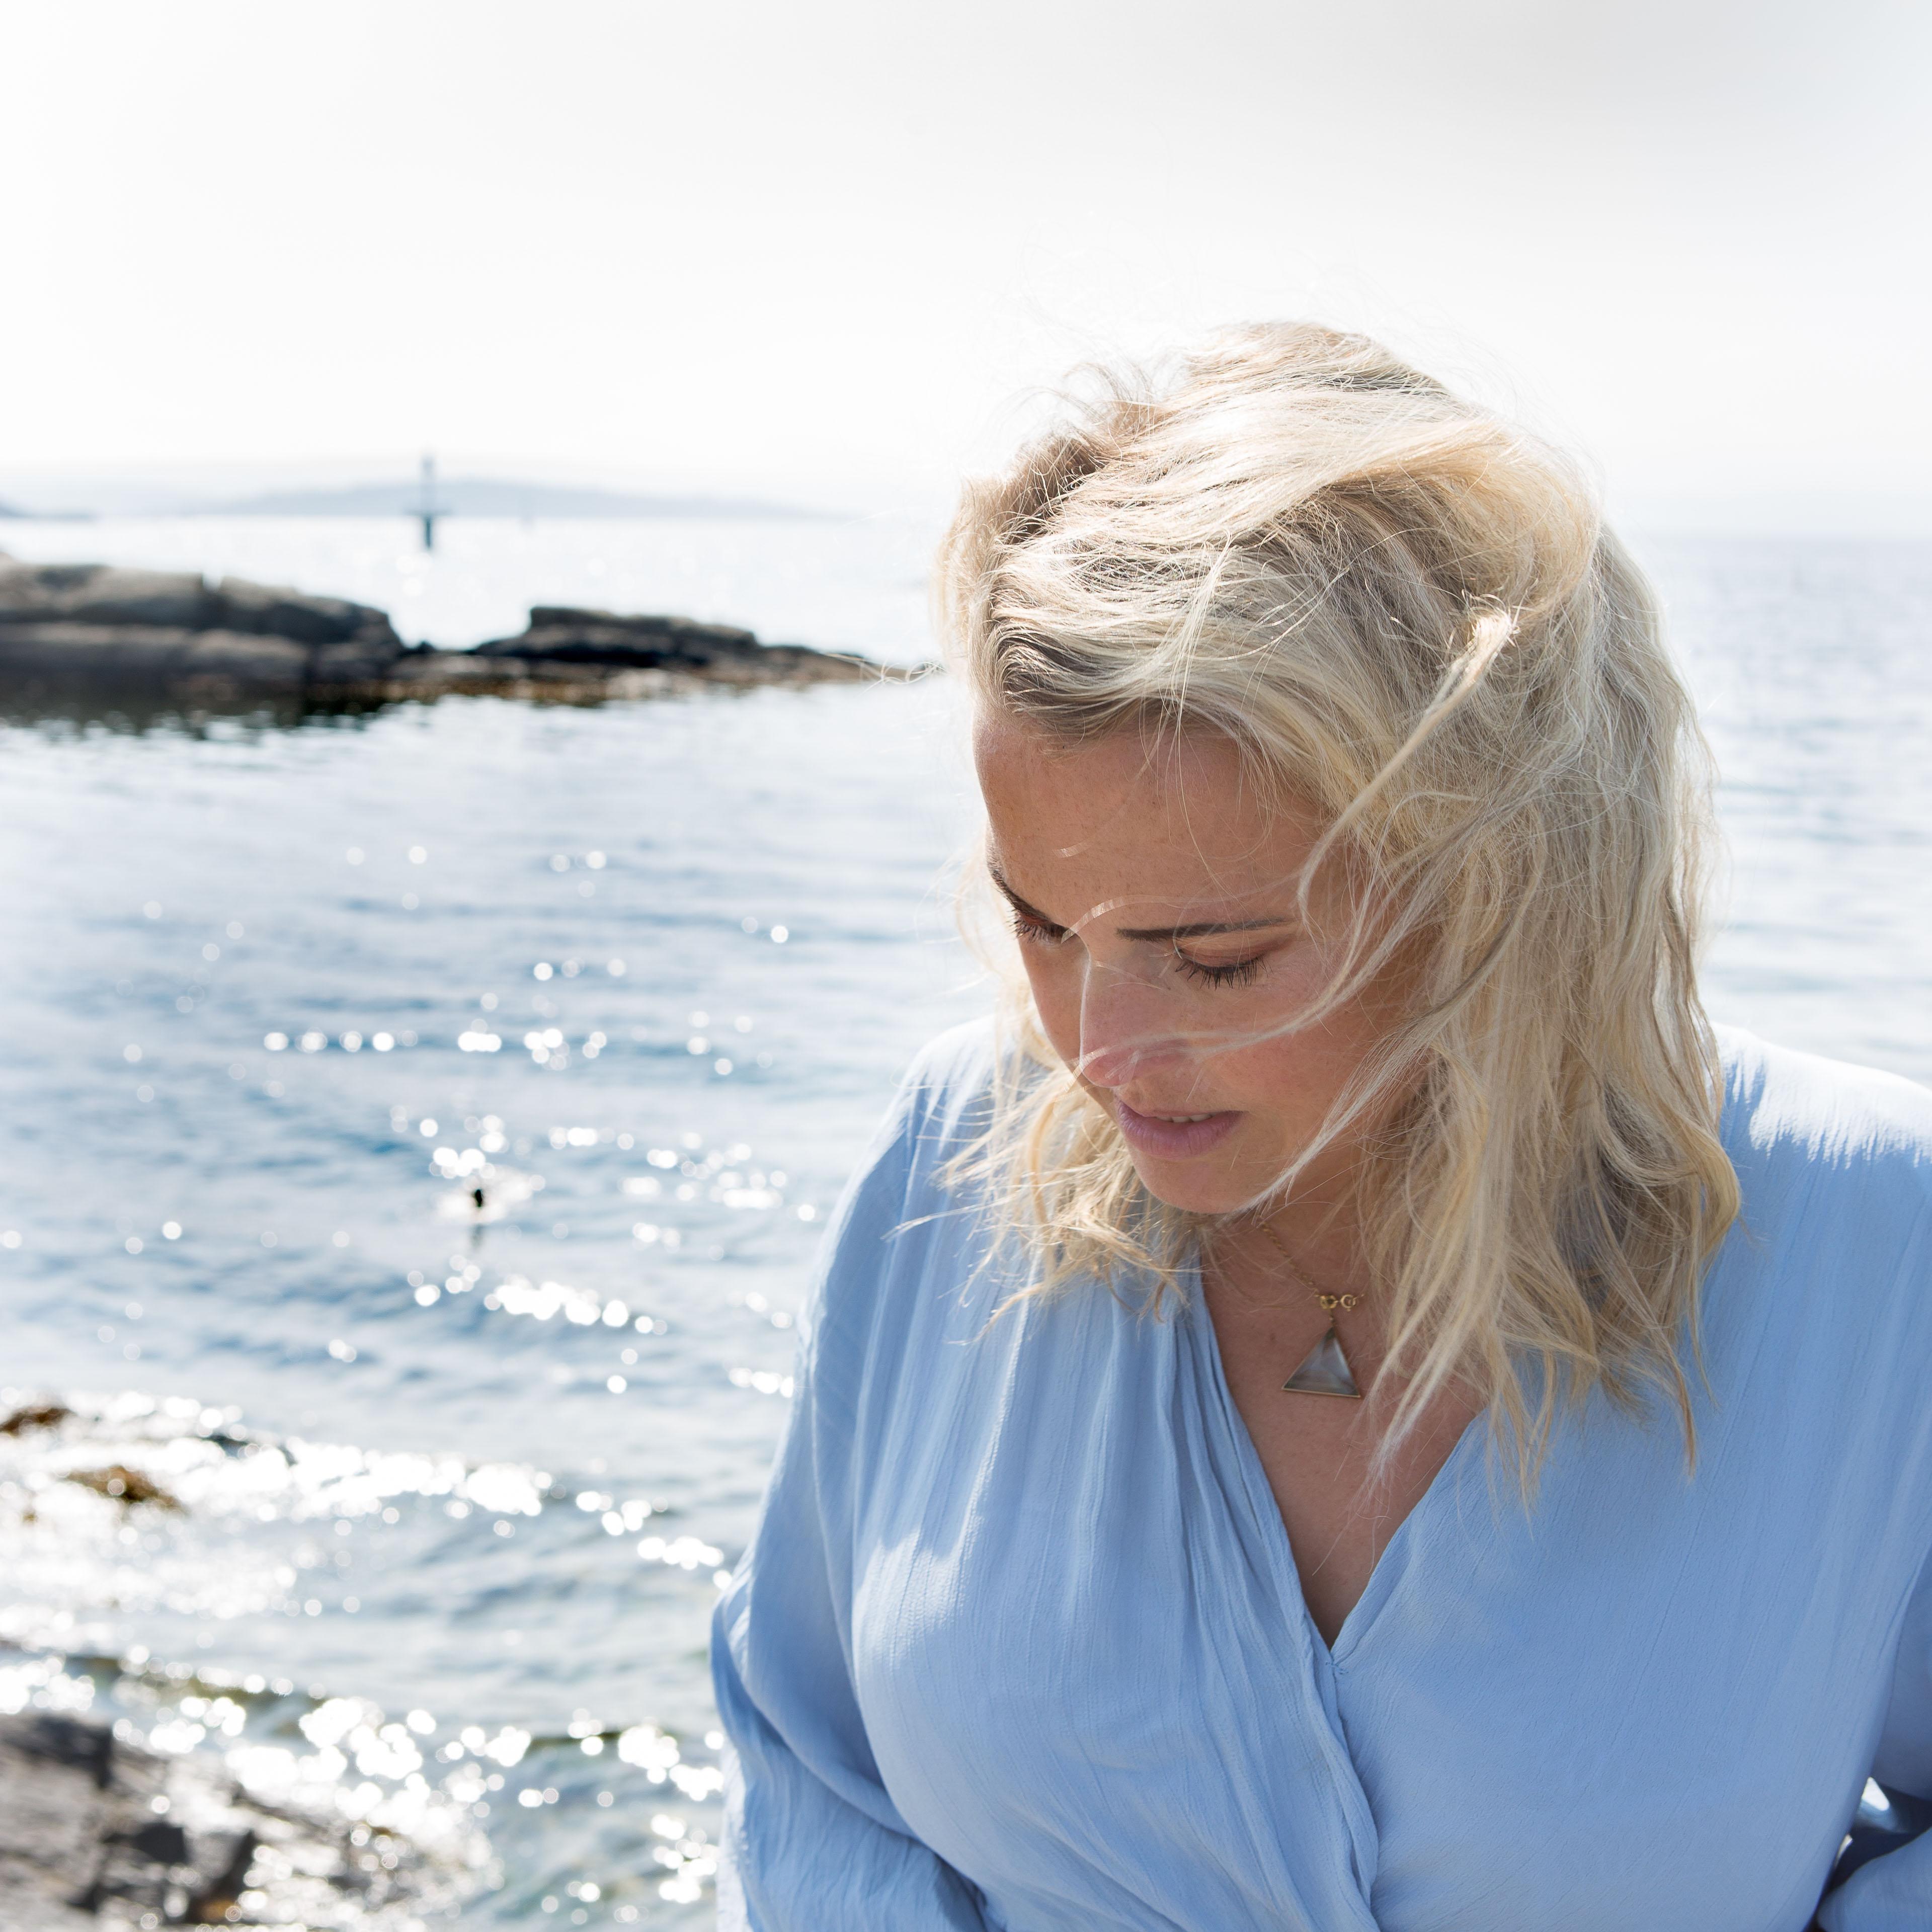 Konsert og skalldyrcruise med Helene Bøksle 4. august